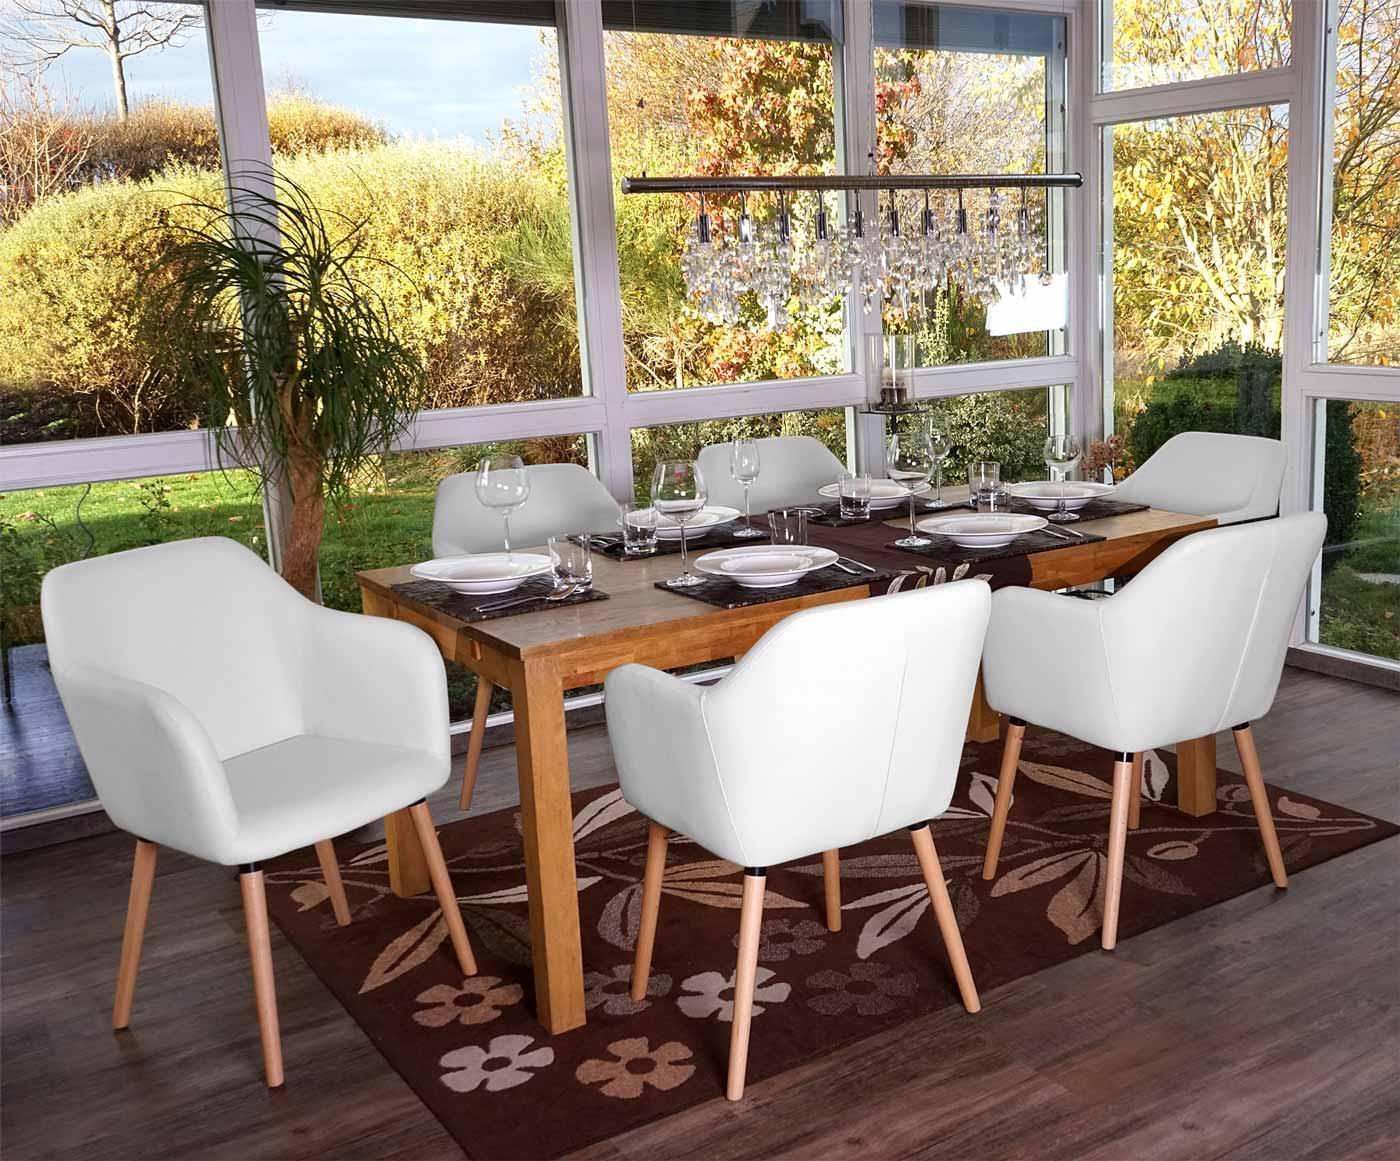 Lote de 6 sillas de comedor tulio tapizadas en piel color blanco lote de 6 sillas de comedor - 6 sillas comedor ...